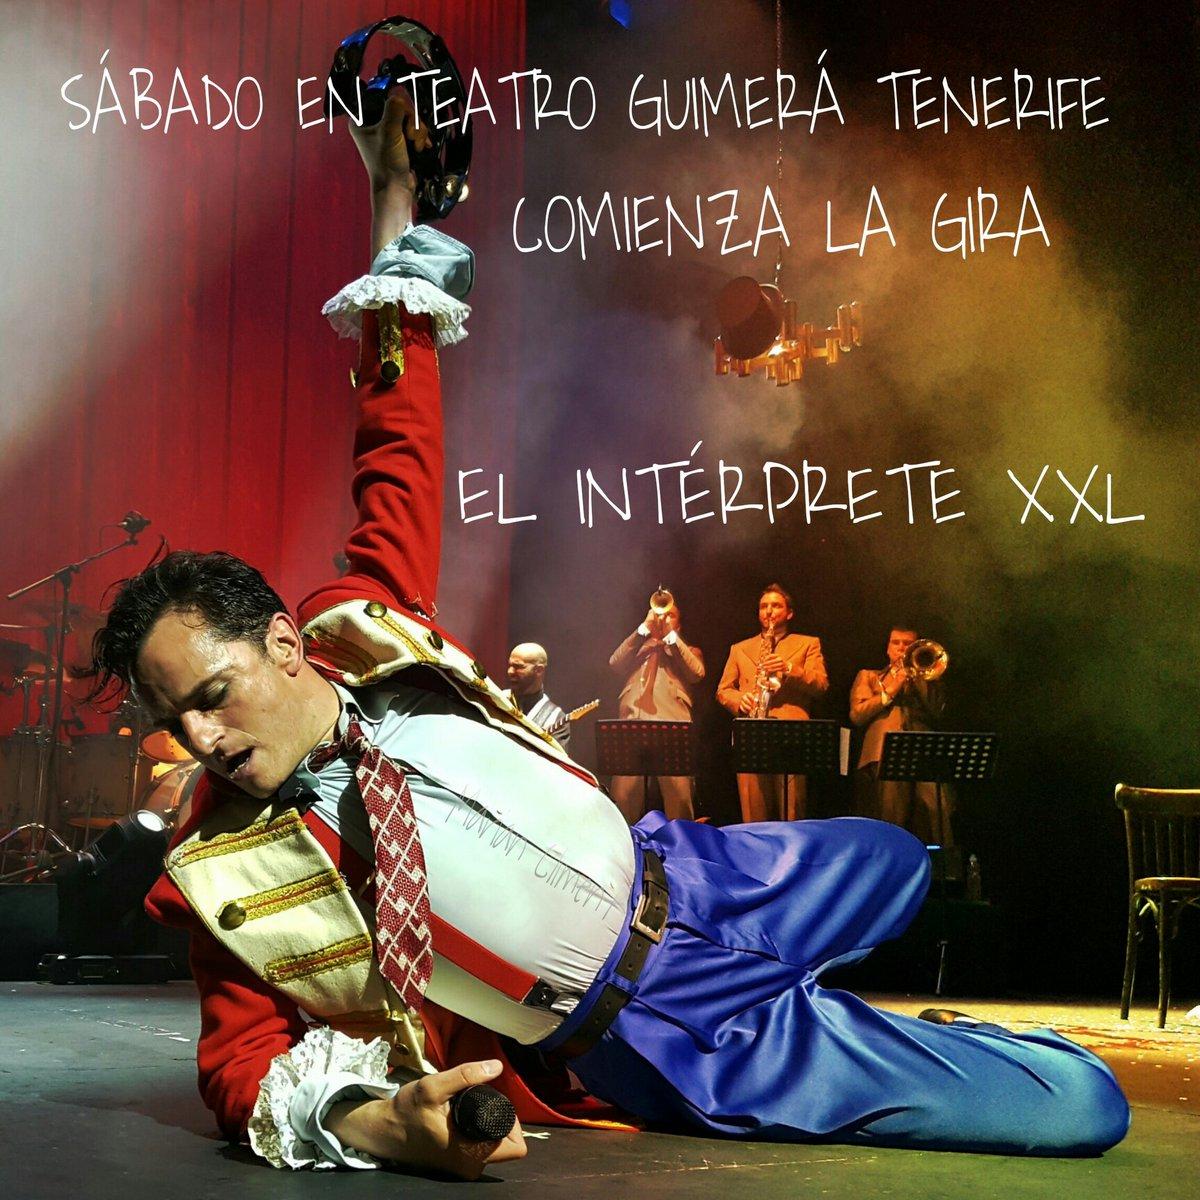 'El Intérprete XXL' de @asieretxeandia inicia gira en @Teatroguimera sábado 9 de julio https://t.co/lsrqZtWmrg https://t.co/lNGYhrkLj2